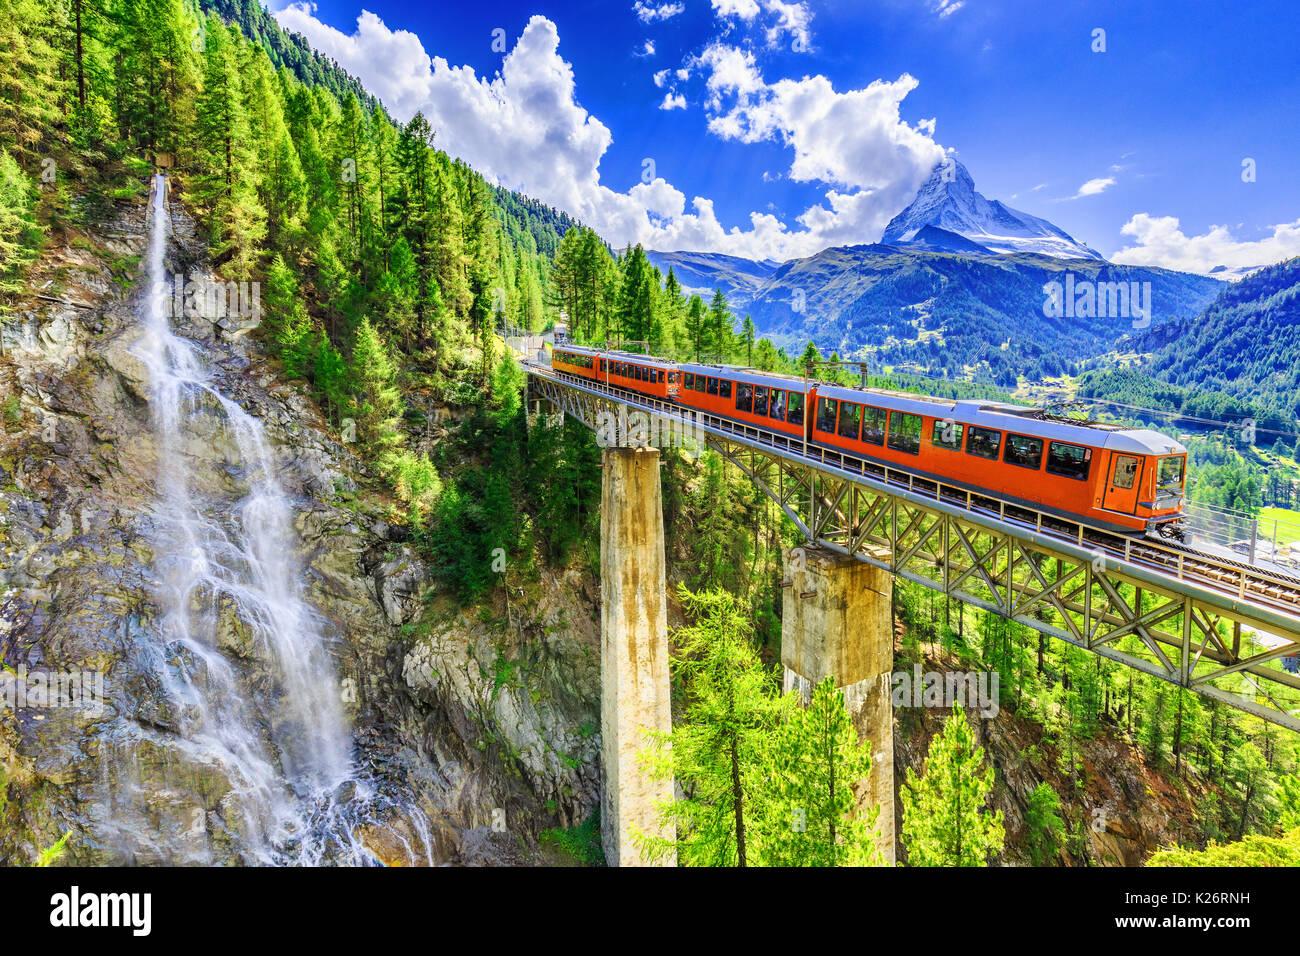 Zermatt, Schweiz. Gornergrat touristischen Zug mit Wasserfall, Brücke und Matterhorn. Wallis. Stockbild